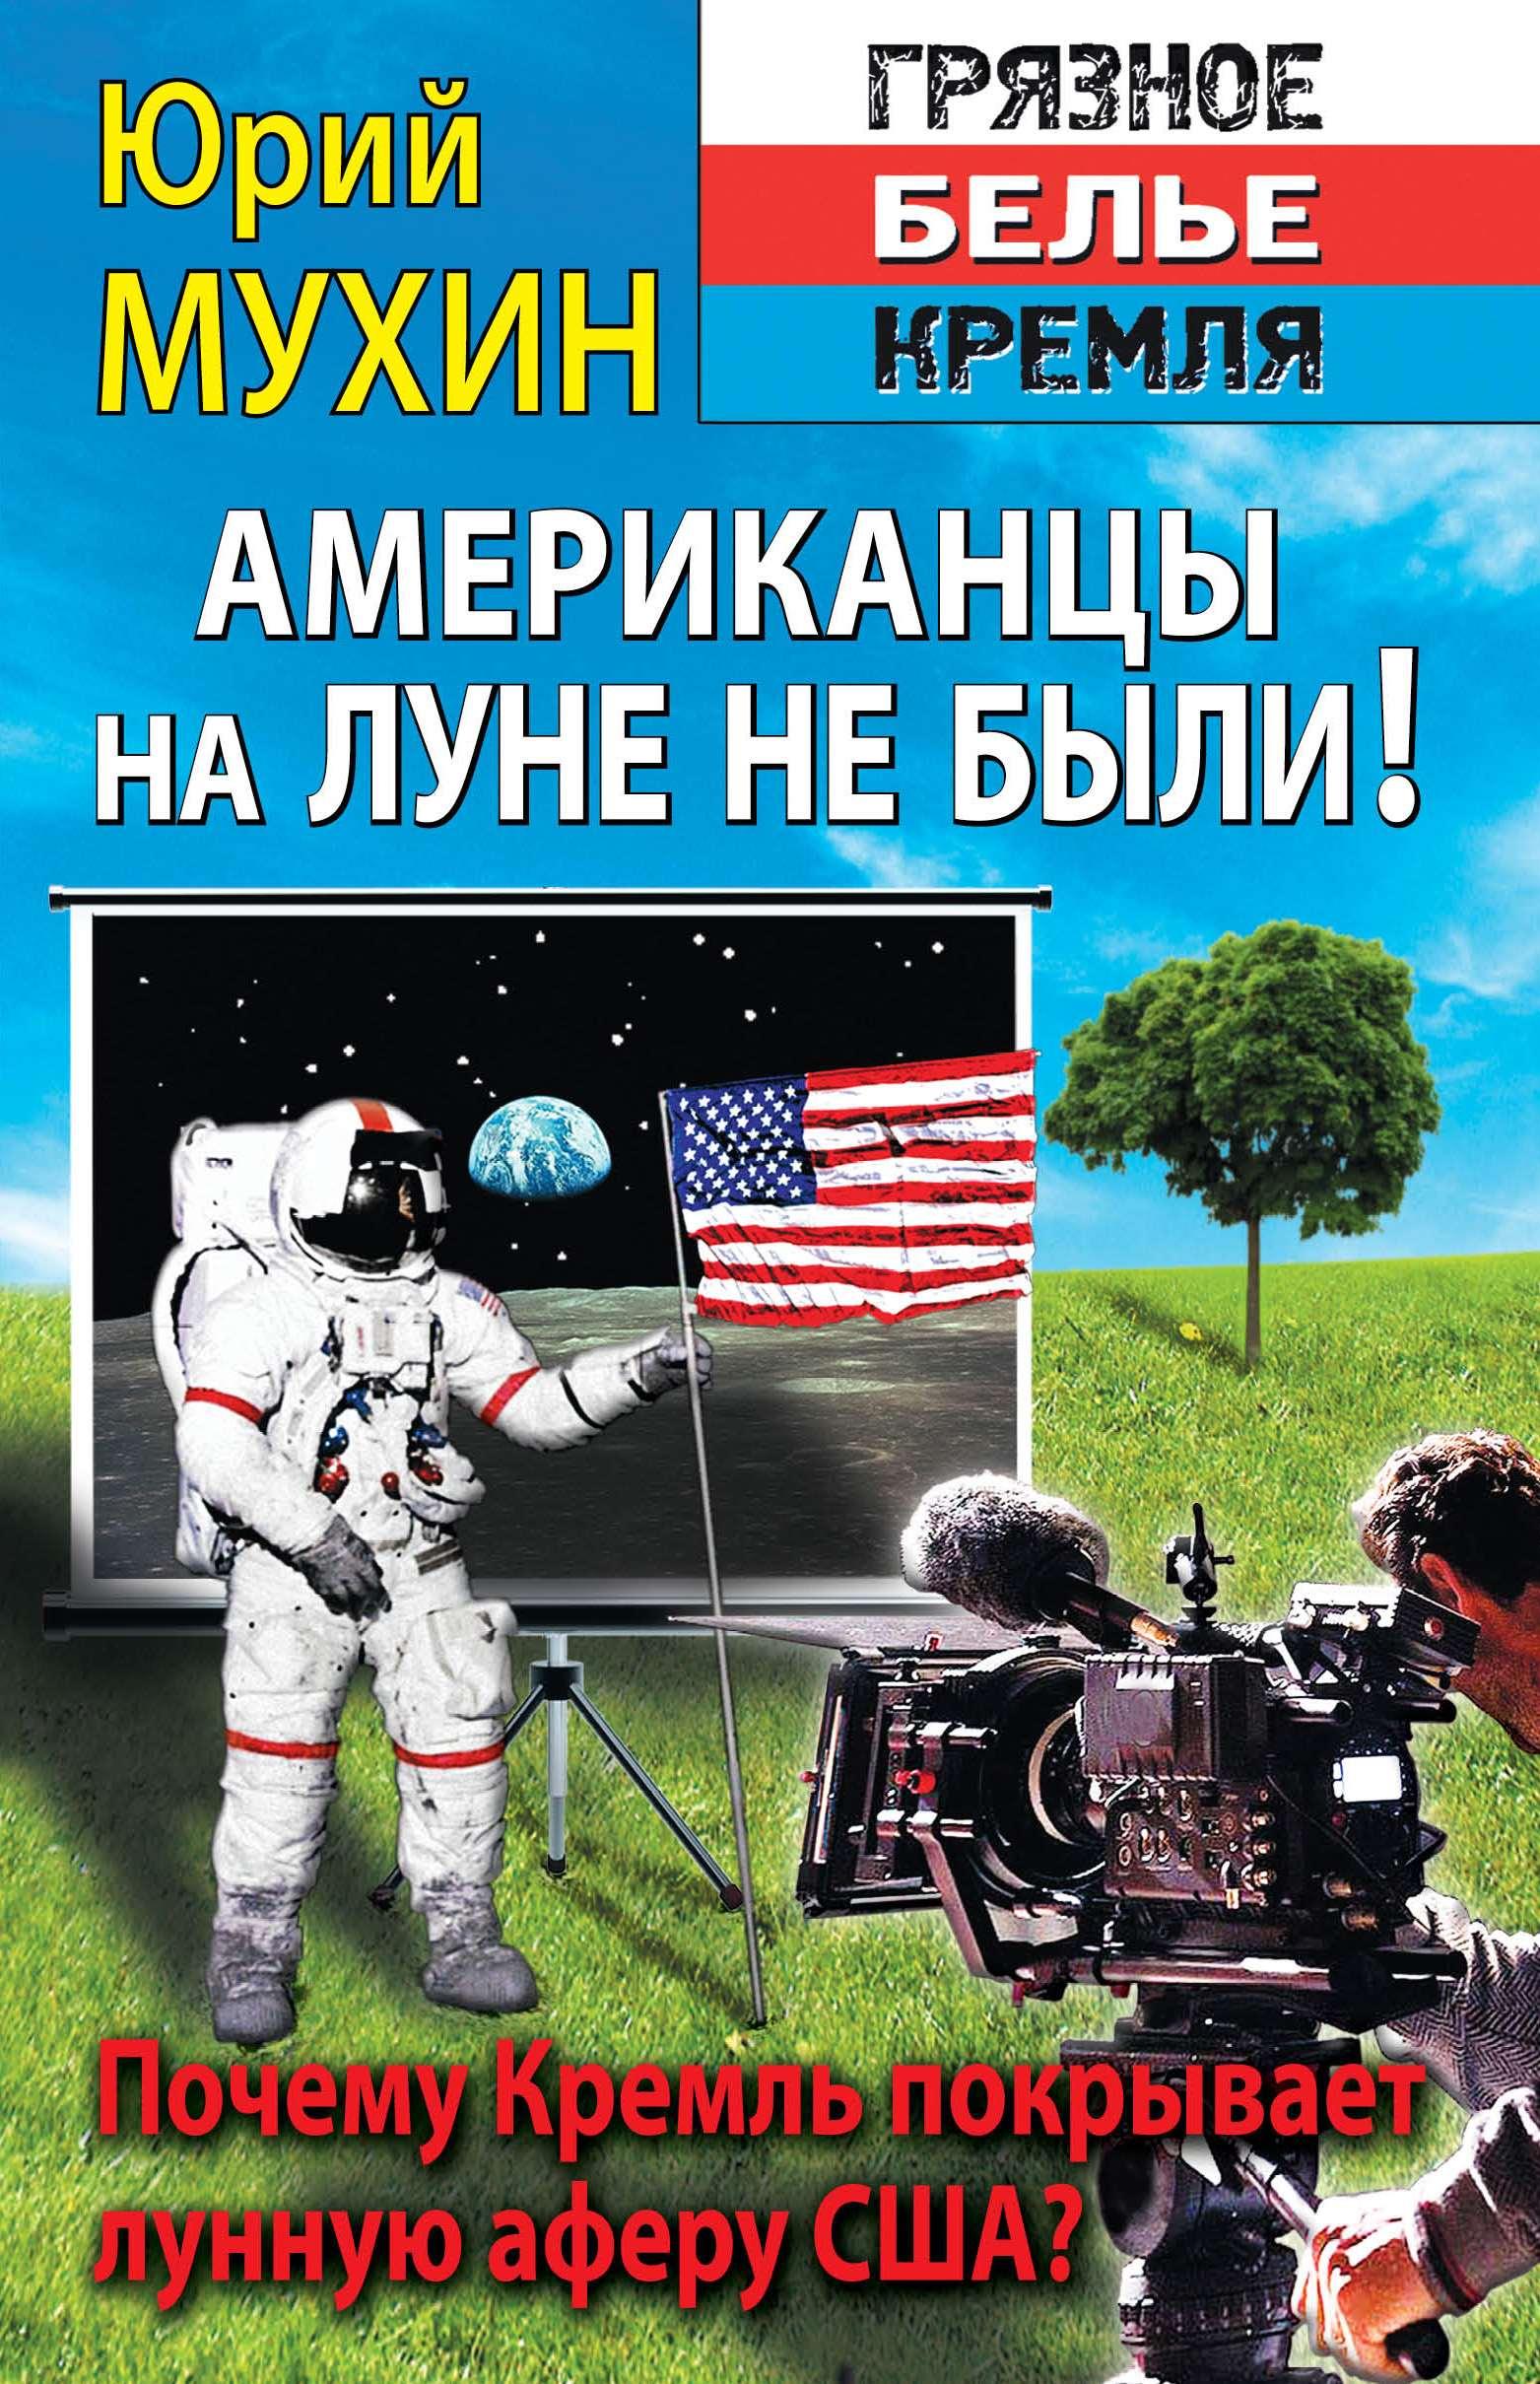 amerikantsy na lune ne byli